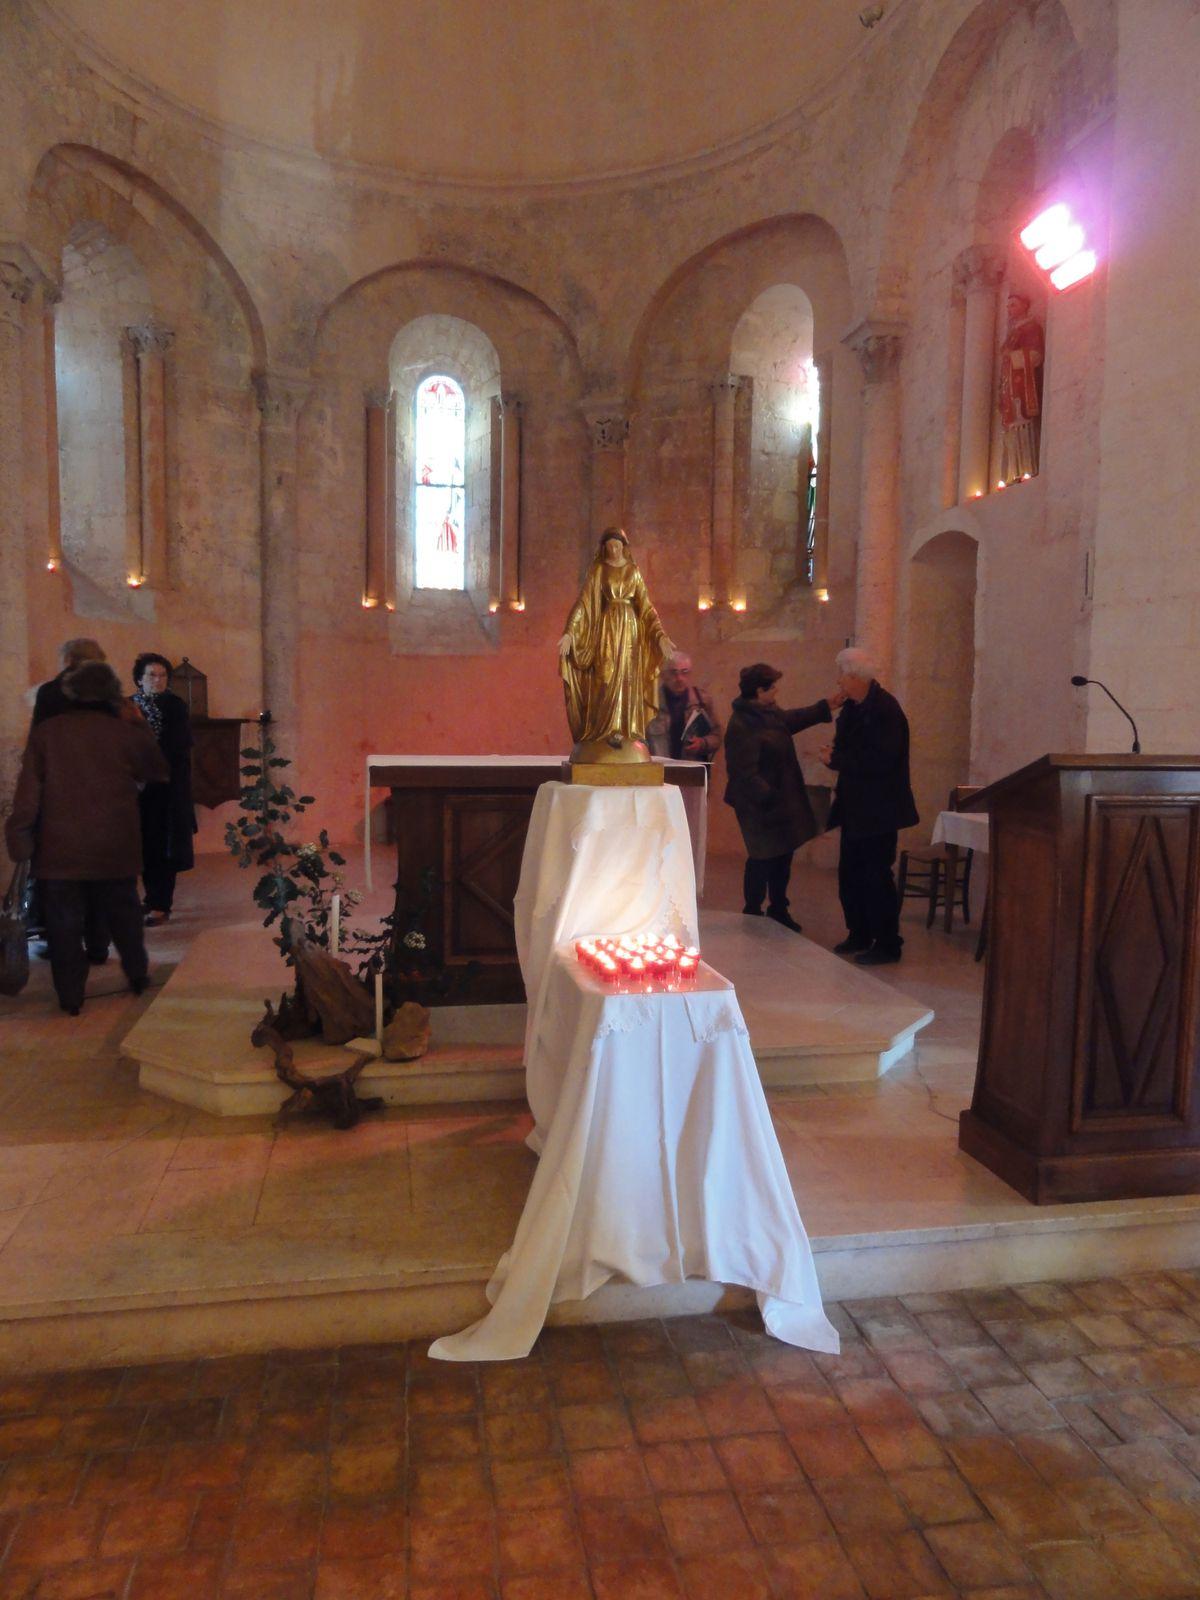 """Dimanche 8 décembre Vars, """"Marie, lumière sur nos chemins d'espérance et de sainteté"""""""